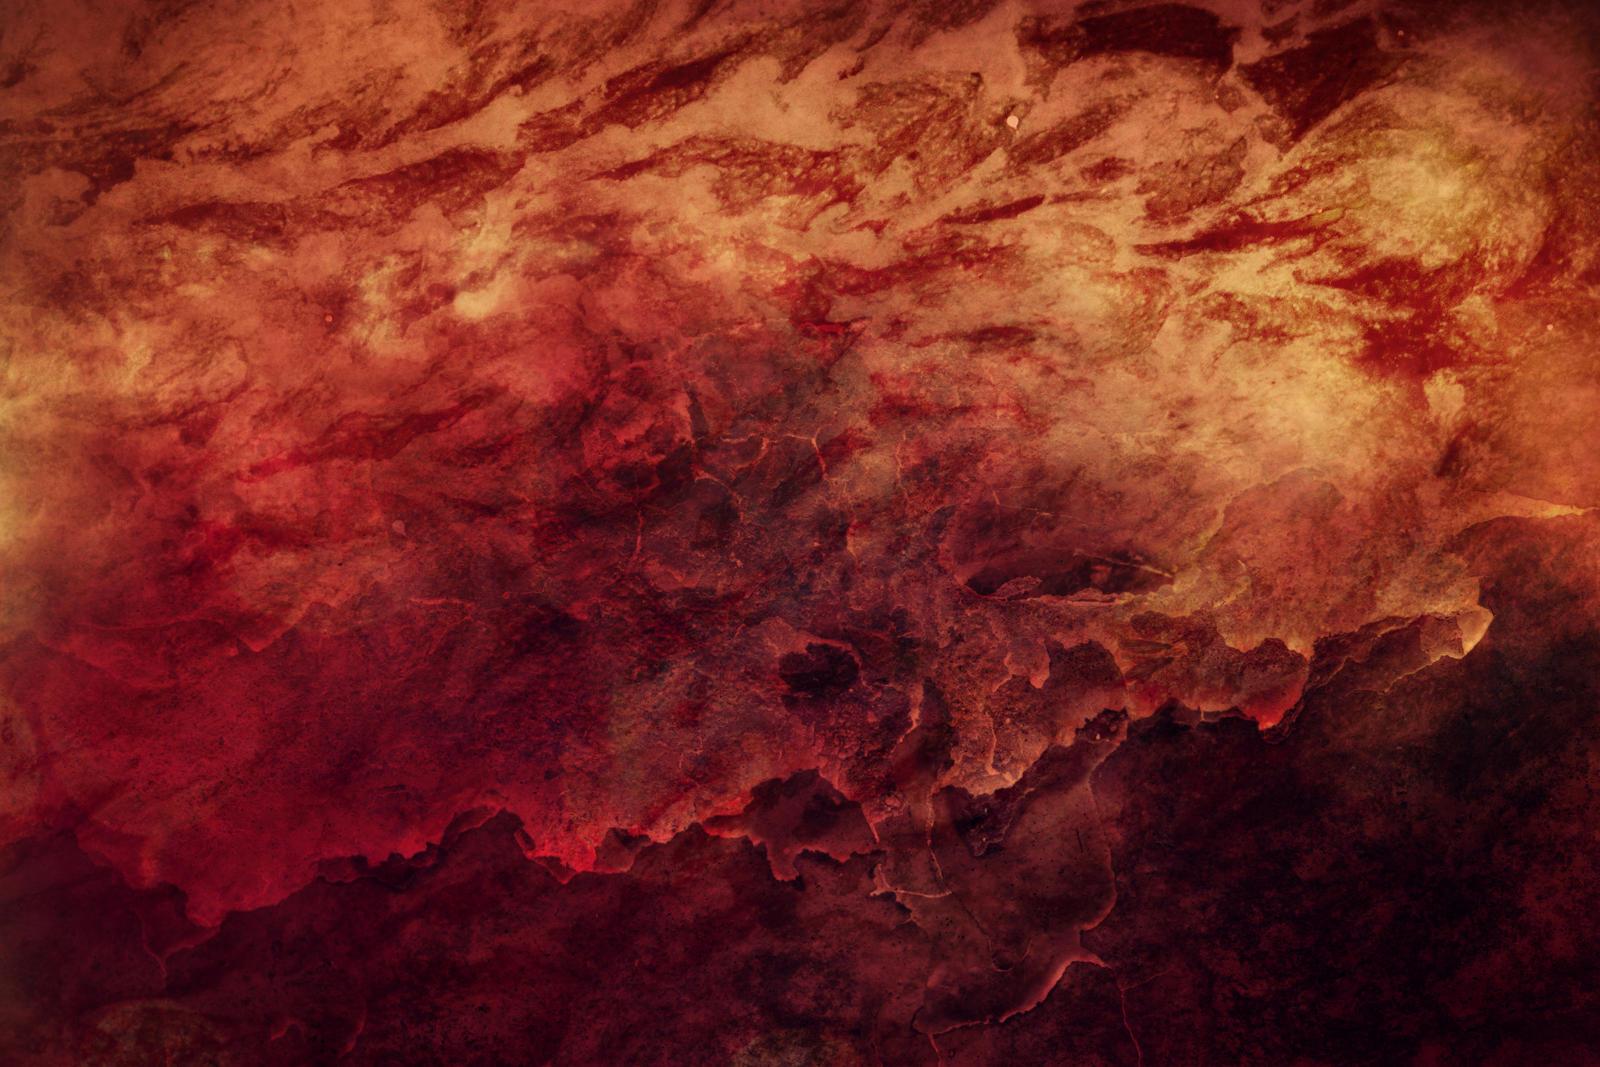 Texture 599 by Sirius-sdz